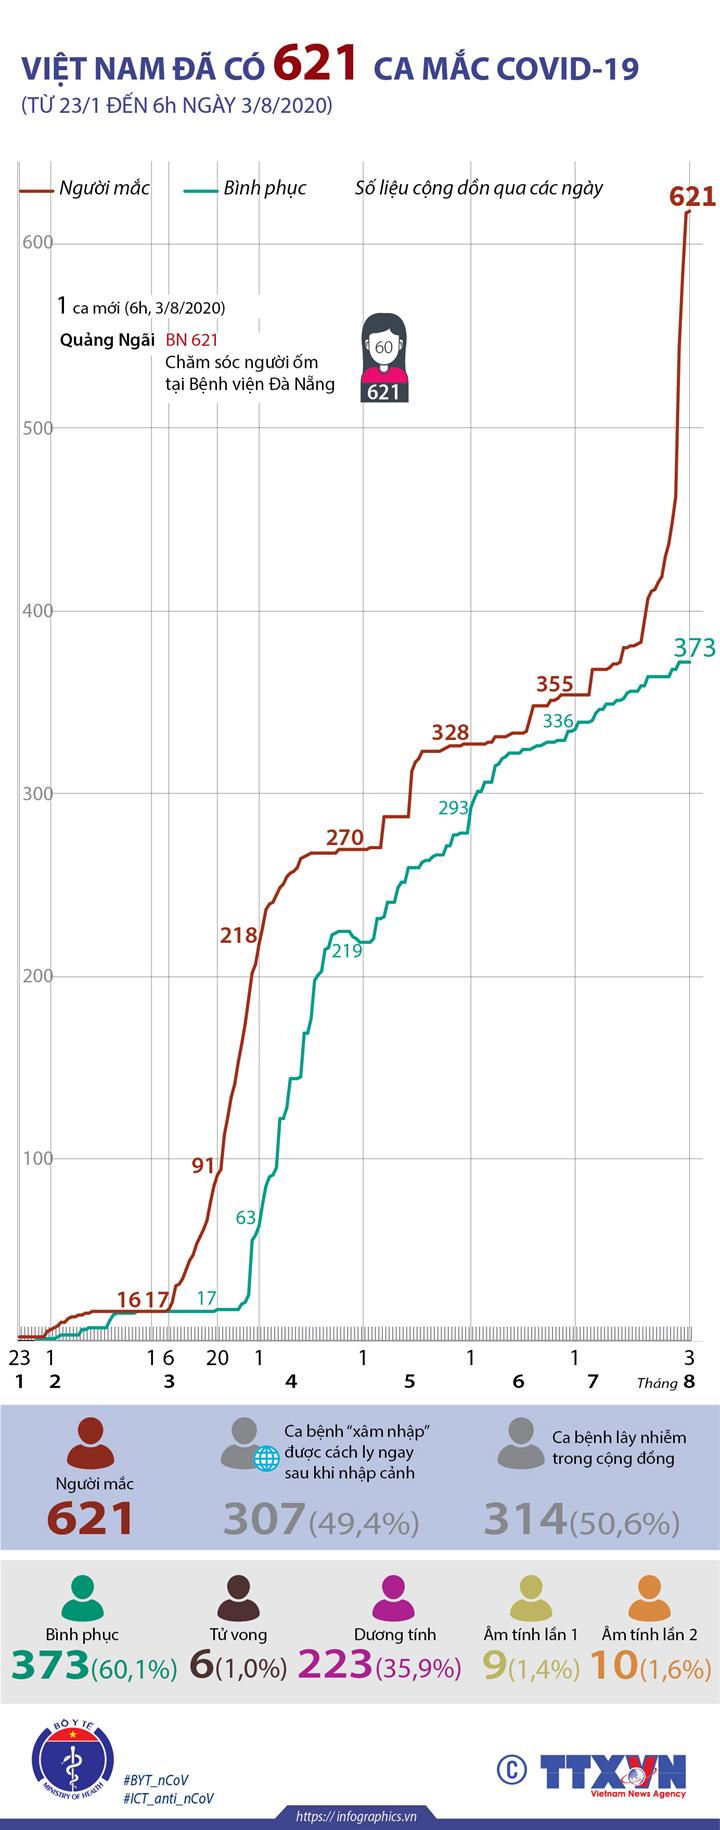 Việt Nam đã có 621 ca mắc COVID-19 (từ 23/1 đến 6h ngày 3/8/2020)